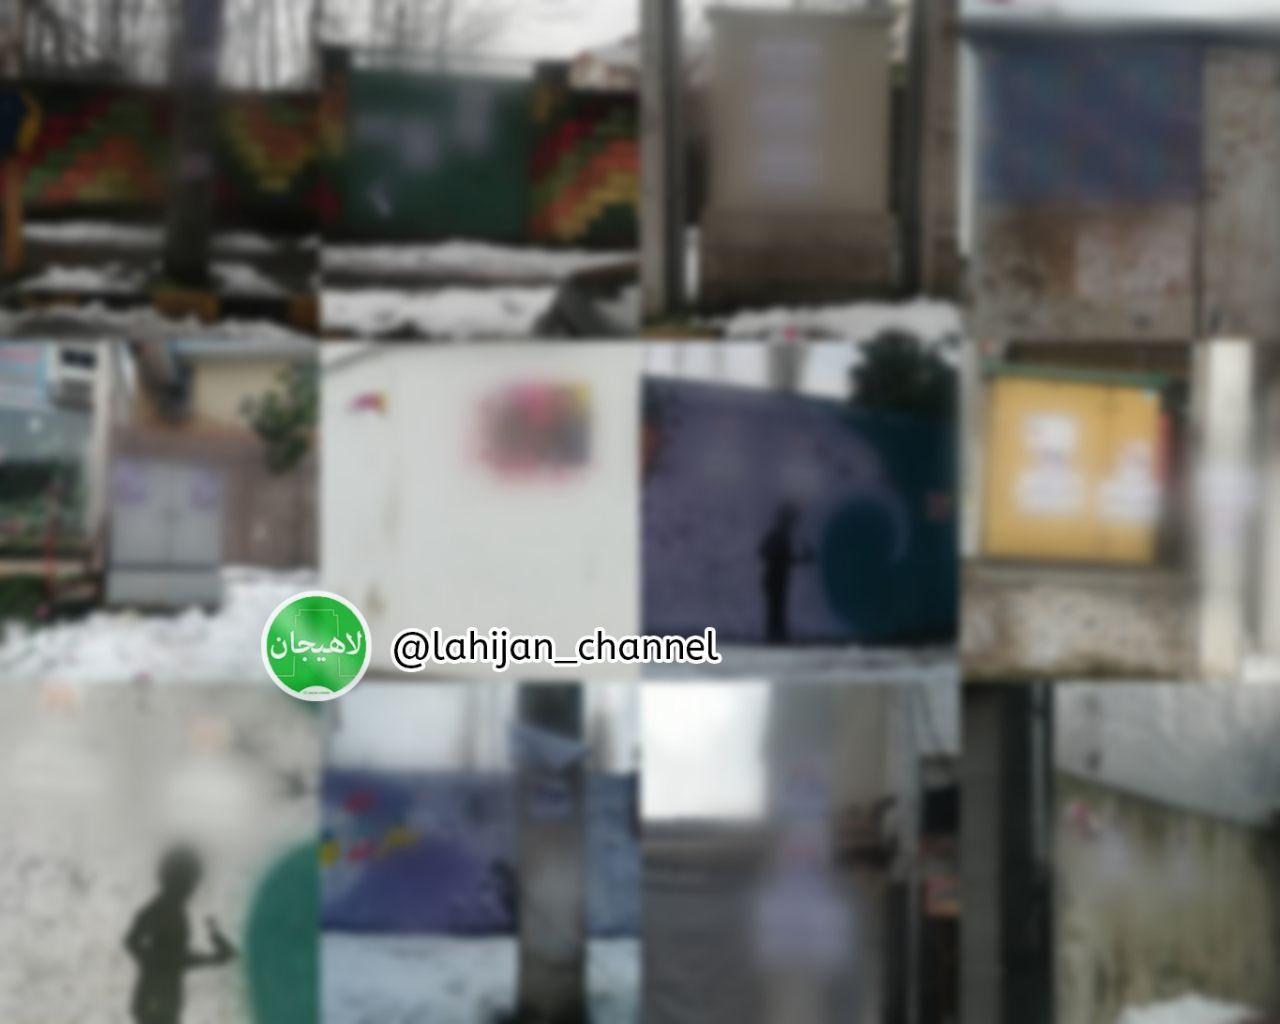 تخريب بيت المال‼️ ❗️نصب تأسف بار آگهی نامزدهای انتخاباتی  بر روی تیر و پست برق، نقاشی های دیواری شهری، و دیوار منزل شهروندان❗️